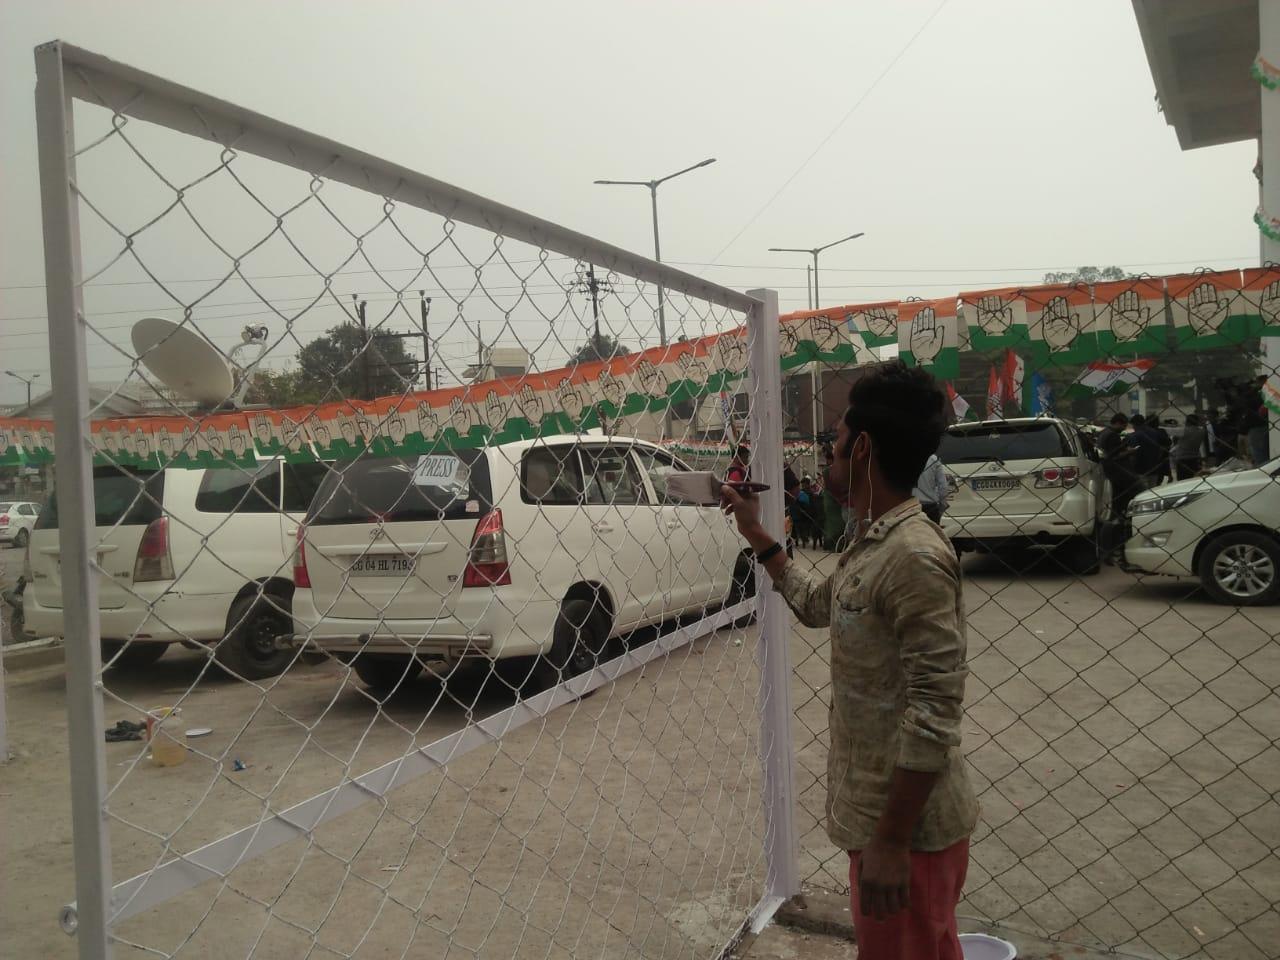 , छत्तीसगड : काँग्रेसच्या अडगळीत पडलेल्या कार्यालयाला रंगरंगोटी सुरु